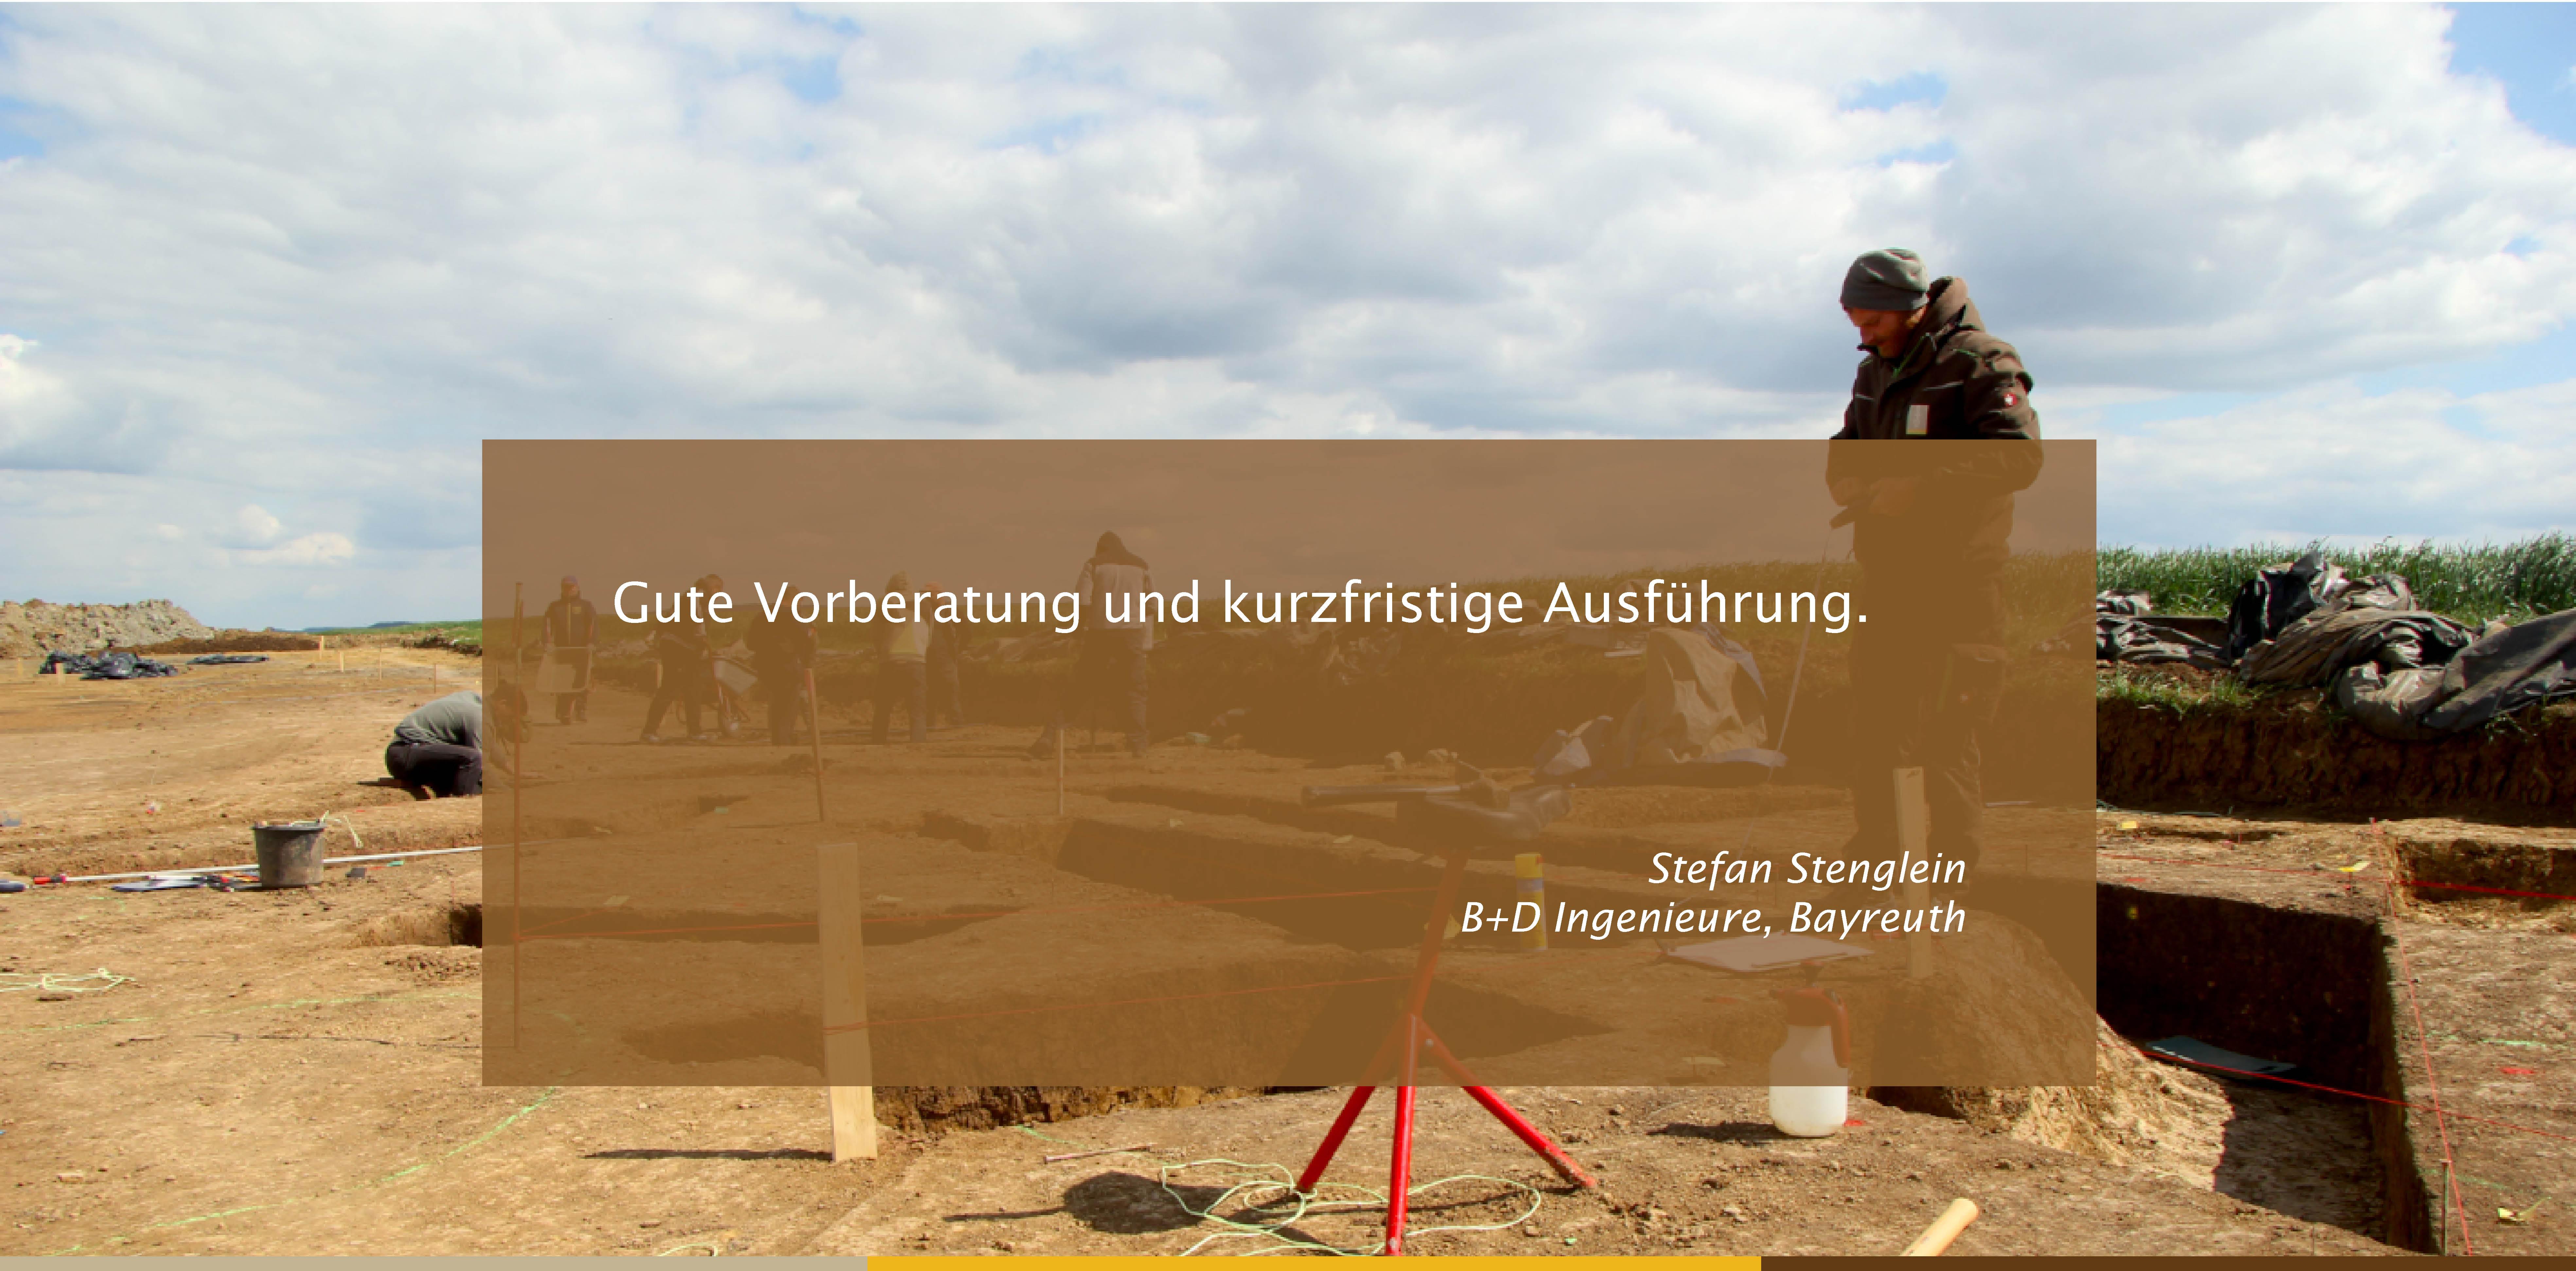 Testimonial_BD-Ingenieure_Bayreuth